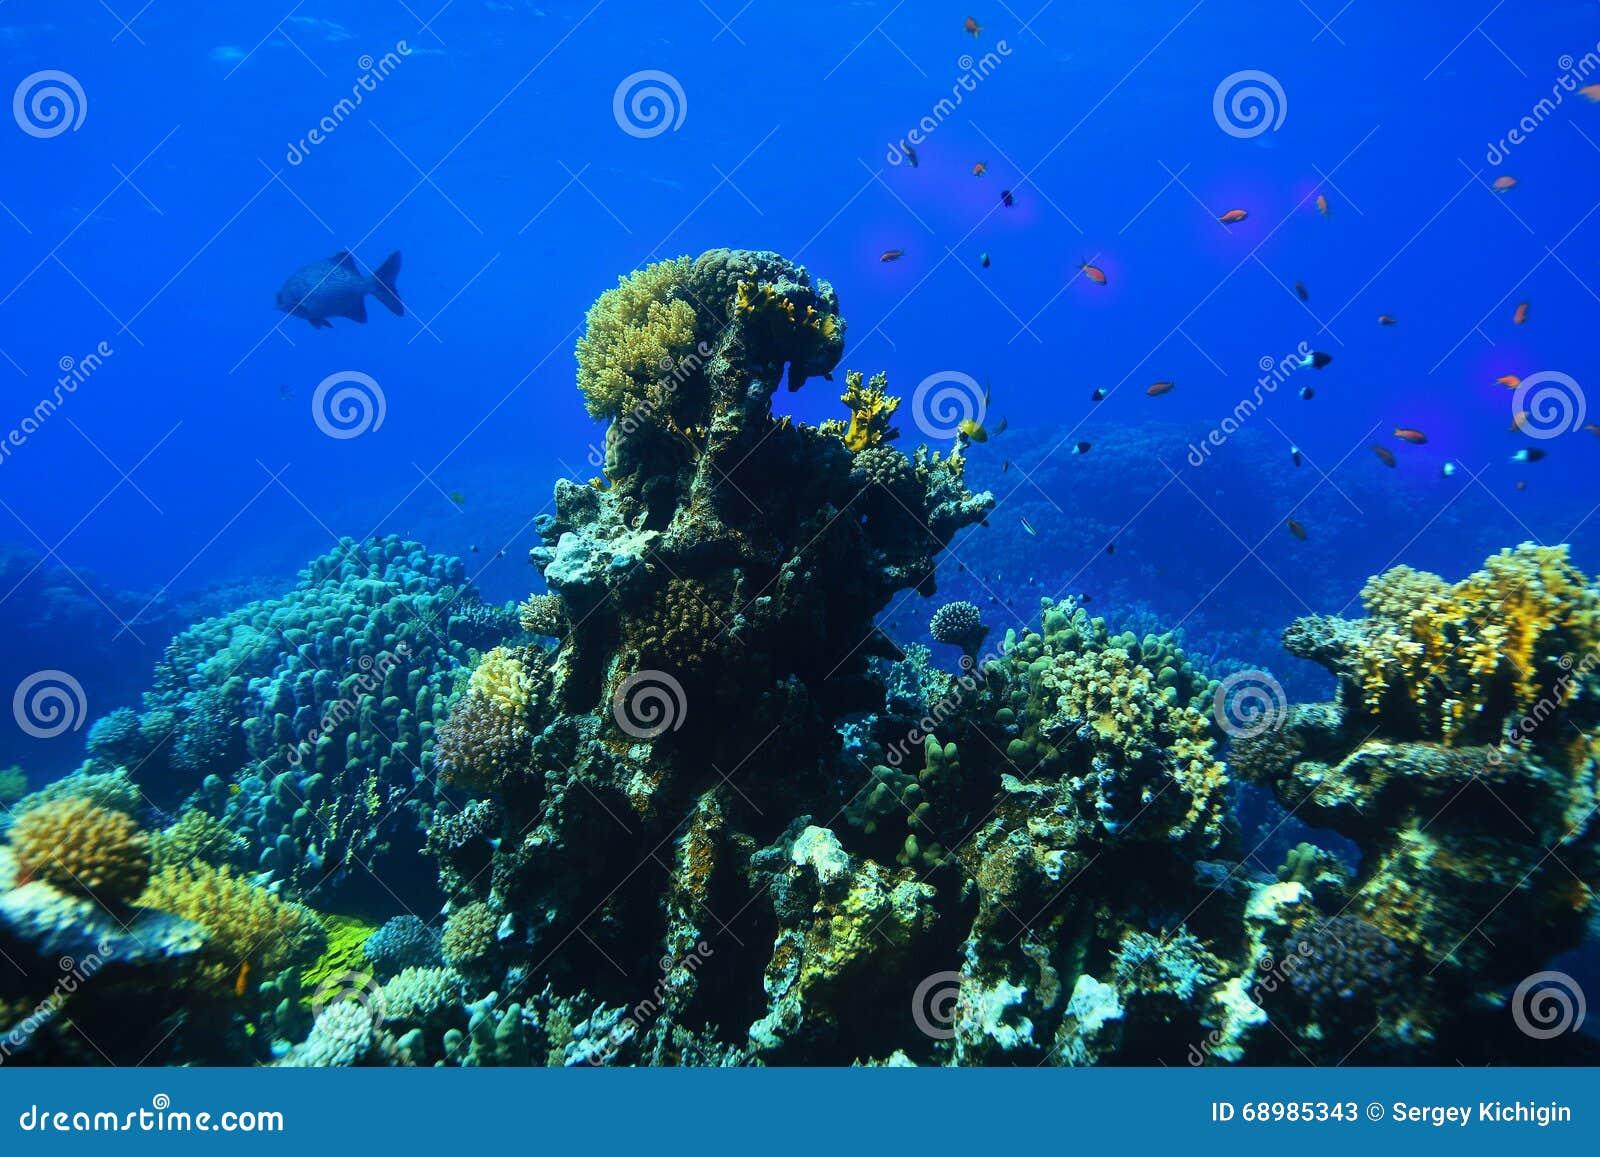 Foto subacuática del arrecife de coral